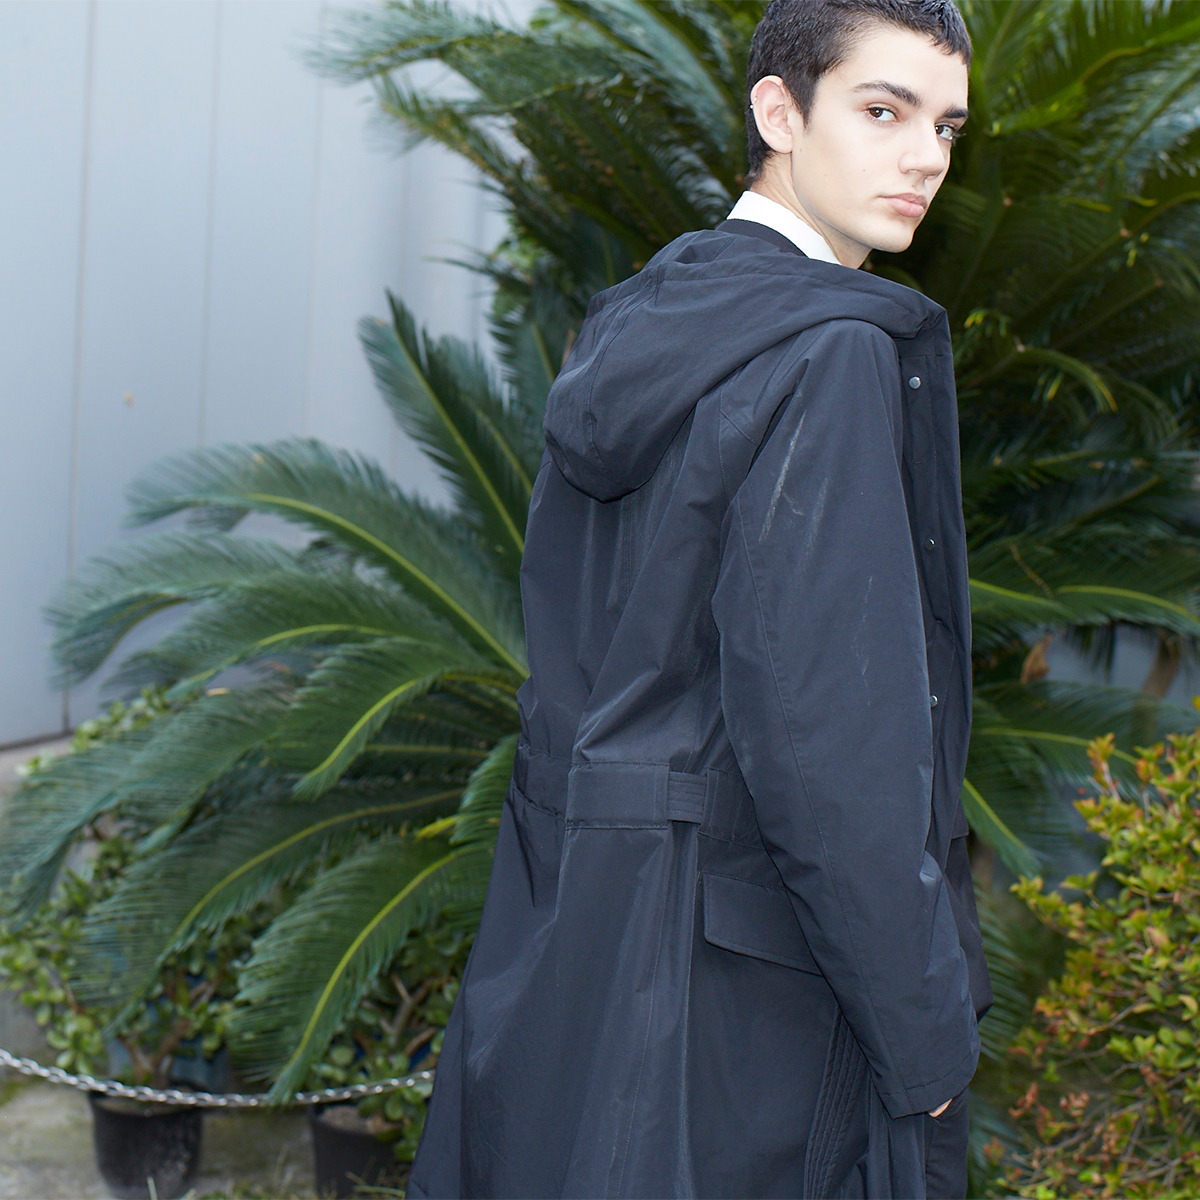 試着・購入について。ビジネス、カジュアル、フォーマルにぴったり。老若男女がシーンを問わず着られるコート|SANYOCOAT サンヨーコート(HEATIER)